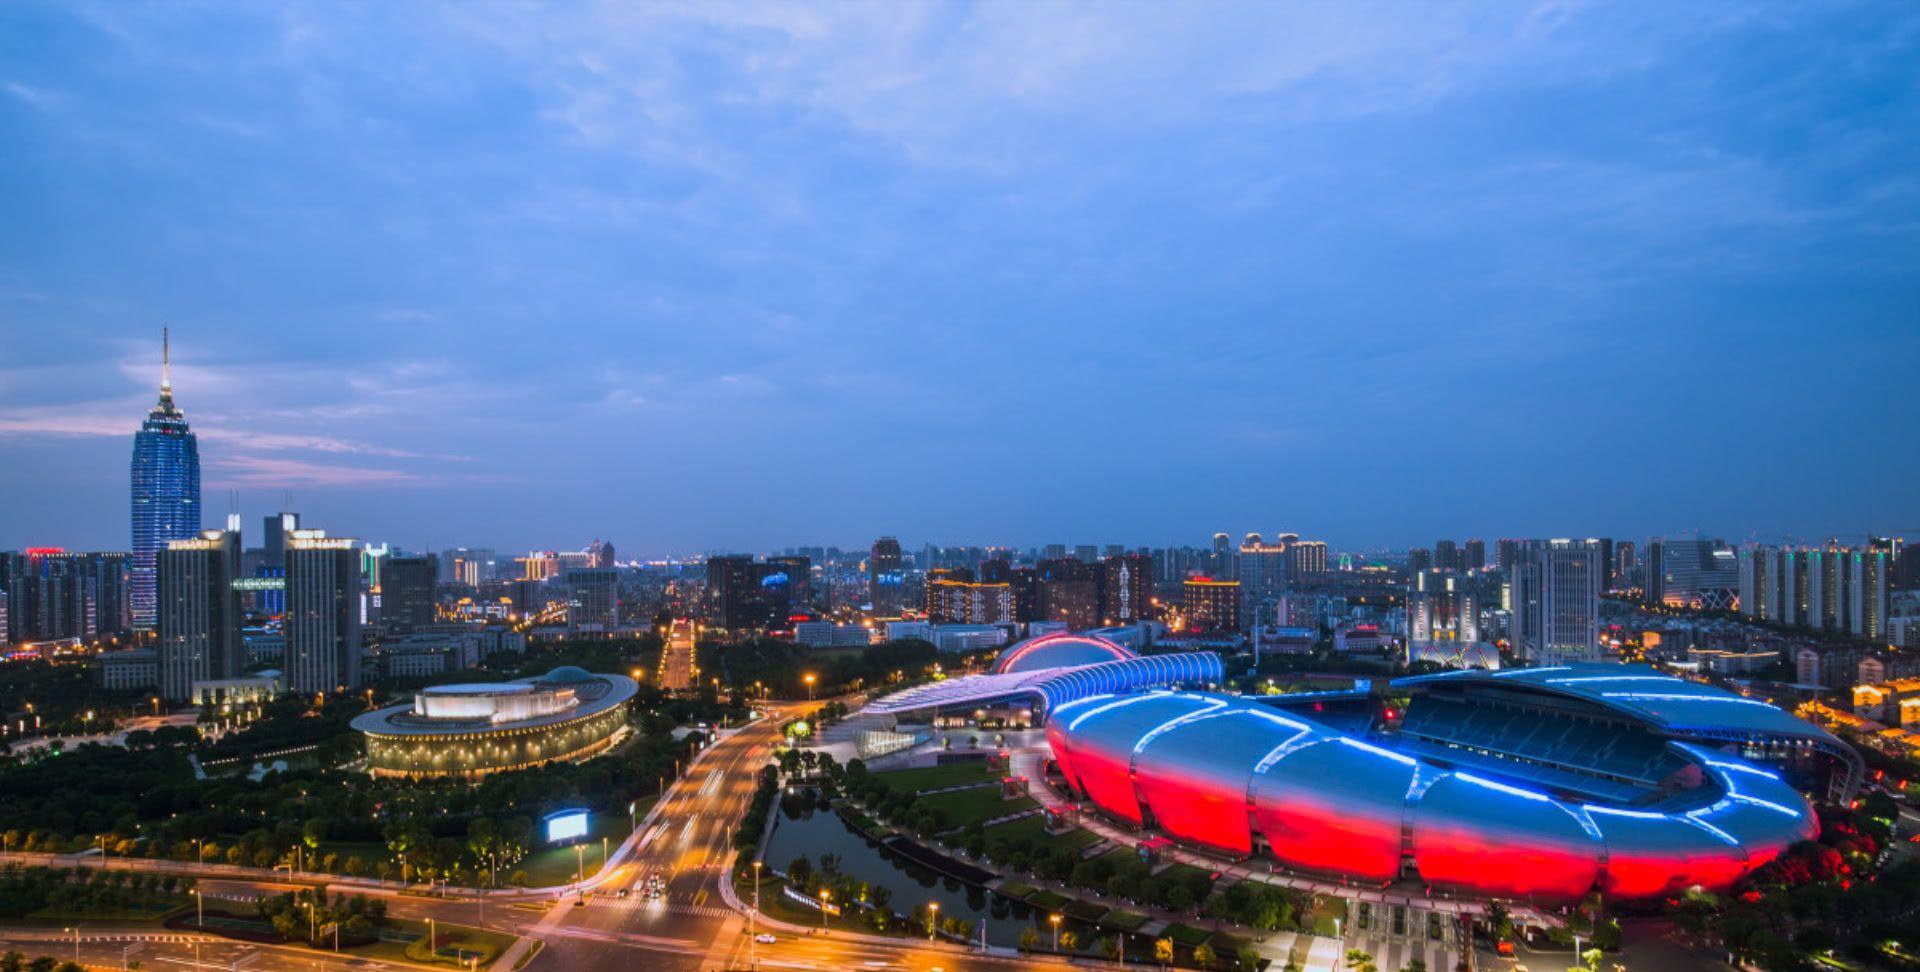 南京最a千年的千年,曾被江苏统管攻略,现让苏州常州压力倍增之零城市轨迹第三章图片